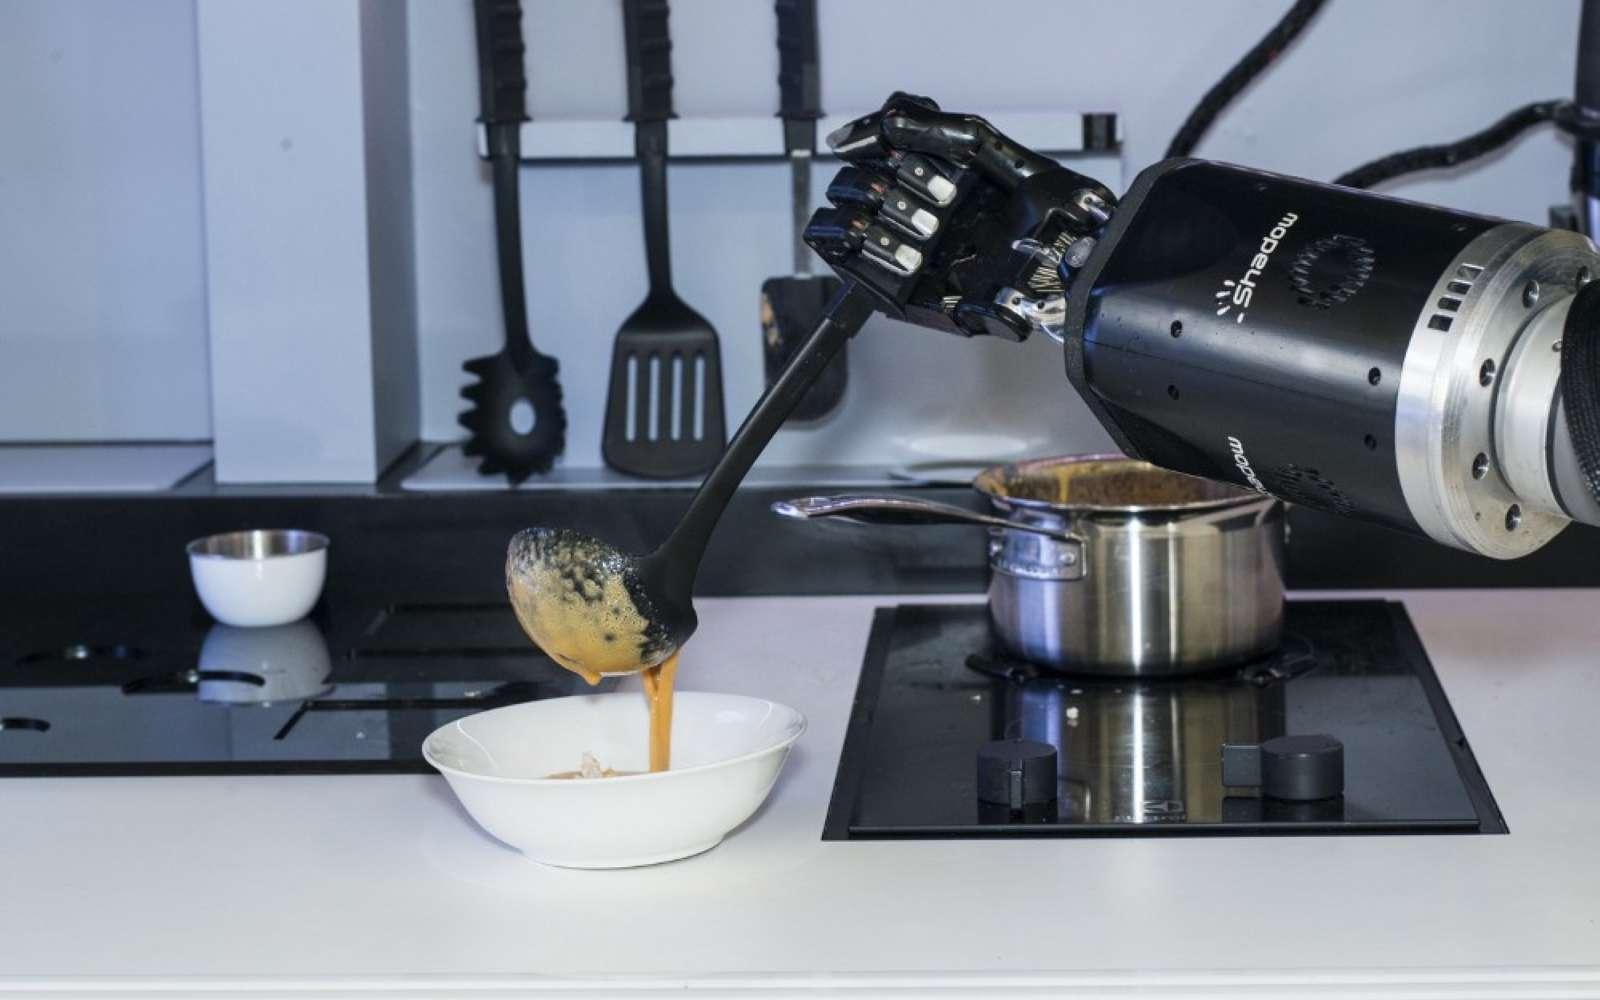 Le Moley Kitchen est doté de deux bras robotisés qui sont dotés de « mains » reproduisant fidèlement les mouvements des doigts humains. © Moley Robotocs